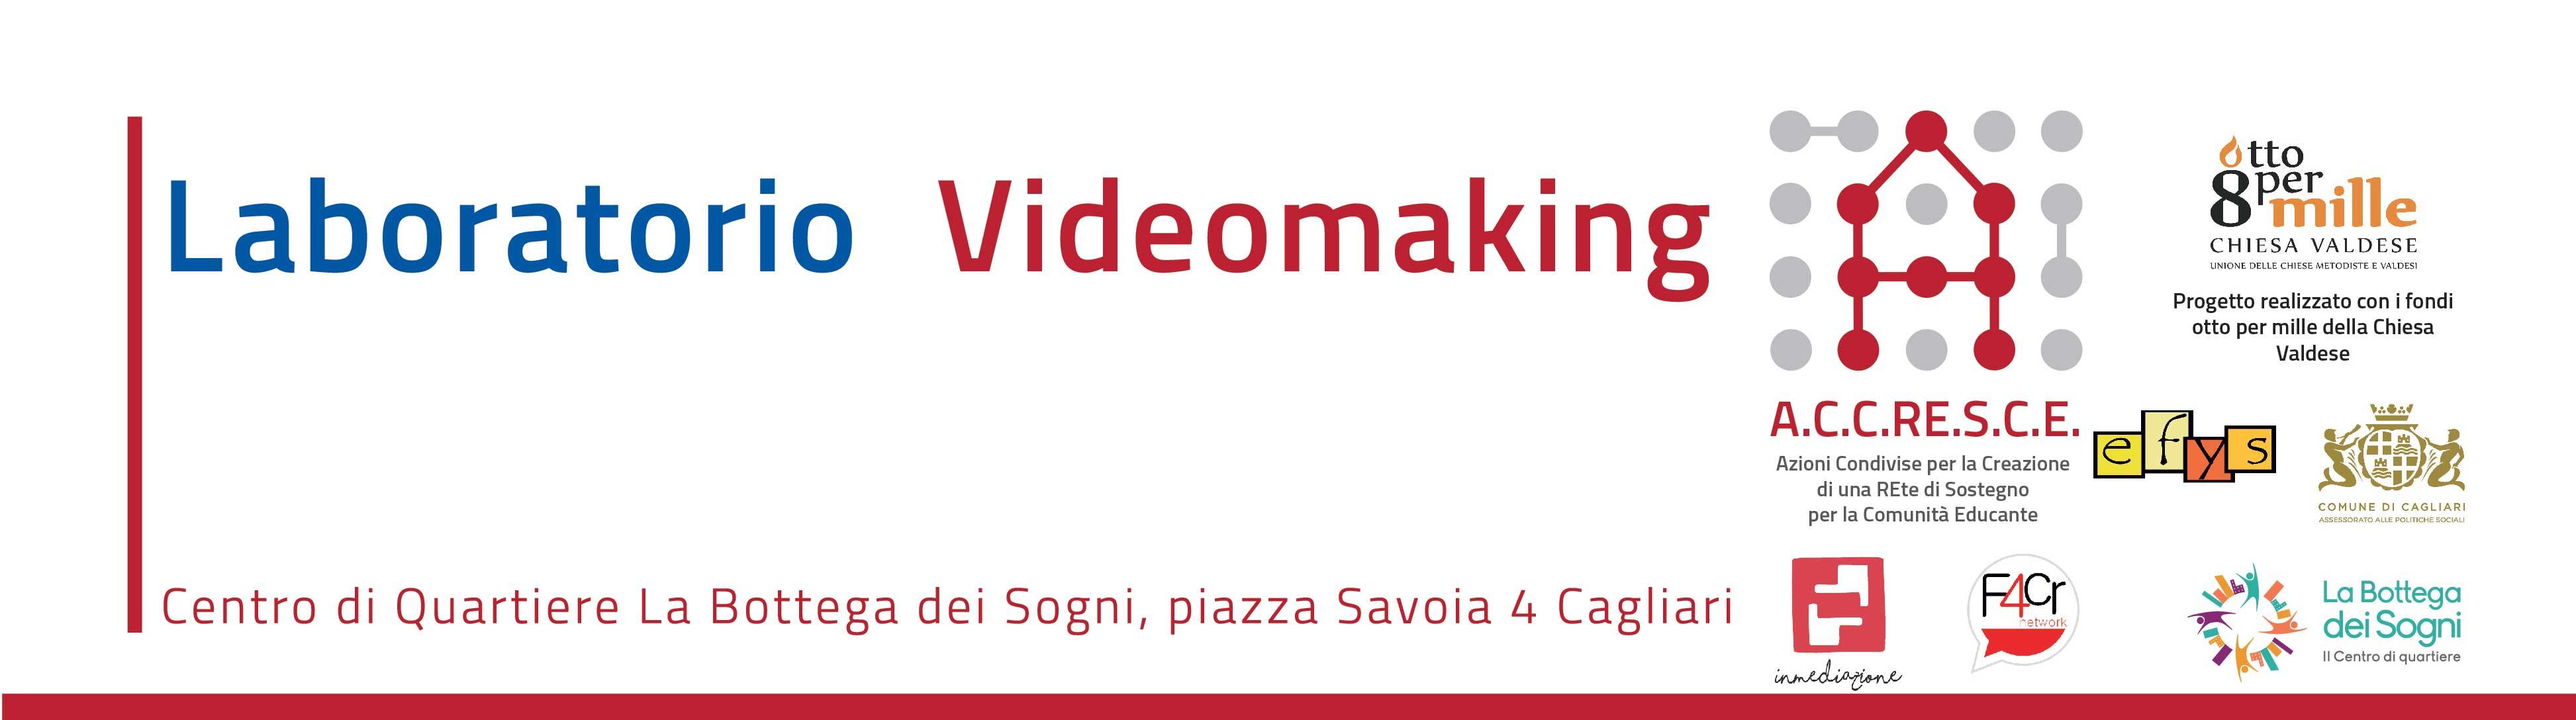 Laboratorio videomaking sociale / Progetto ACCRESCE